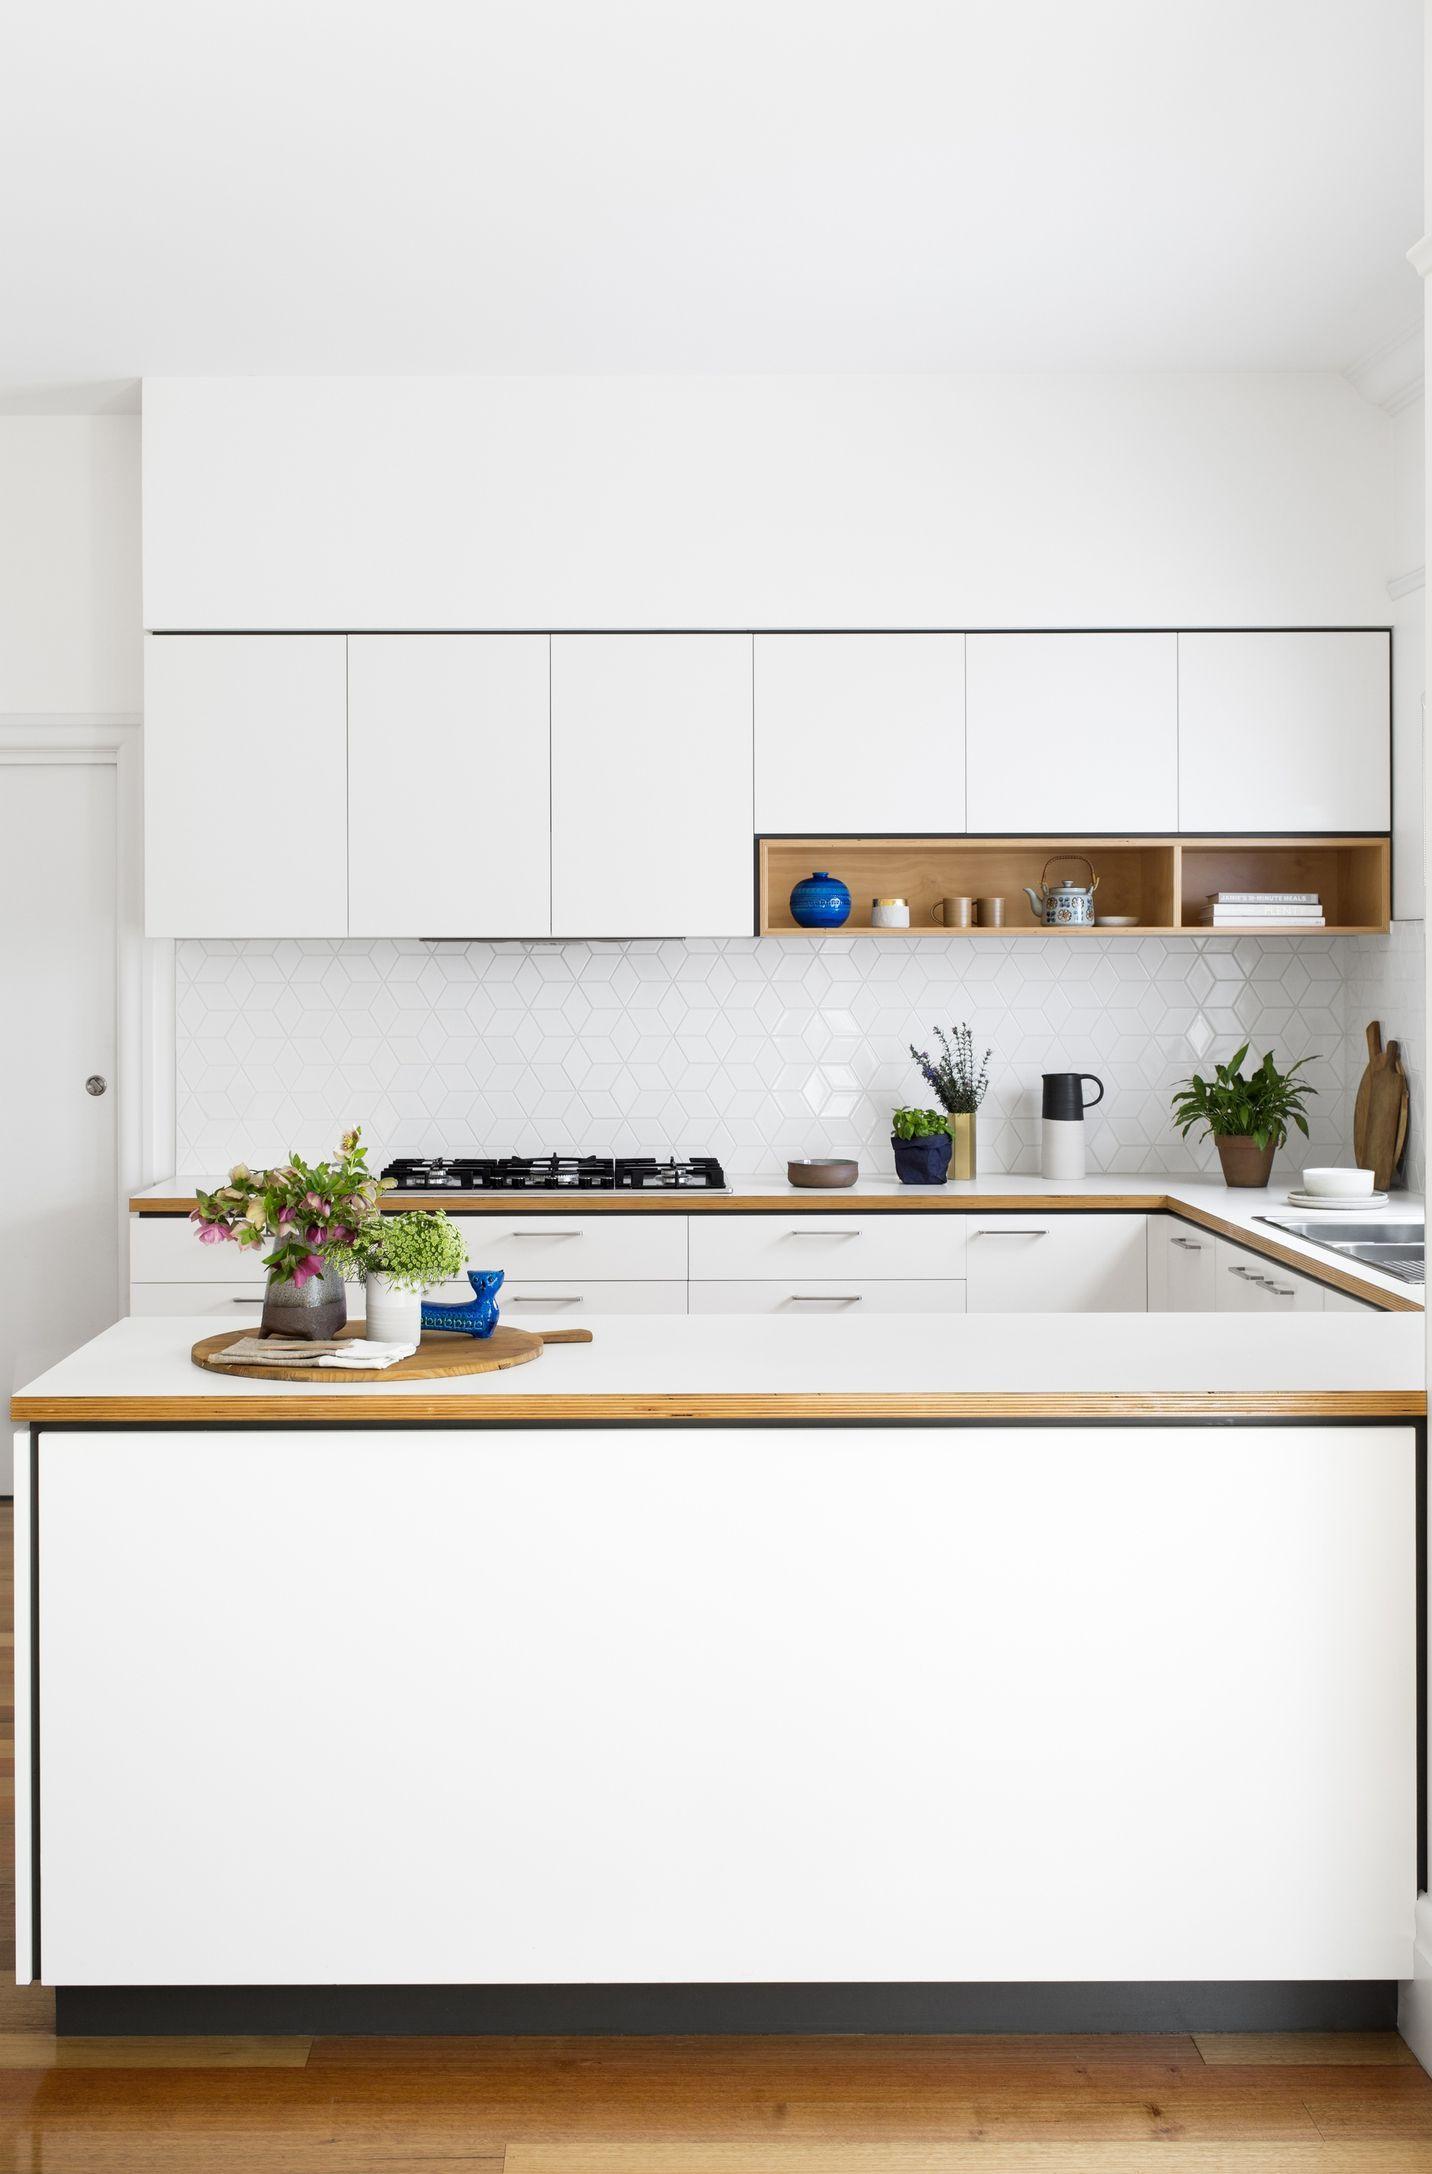 3d Kitchen Design Lowes Kitchen Design Kitchen Design In White Backsplash Kitchen Design Tile Kitchen Design Interior Design Kitchen Contemporary Kitchen